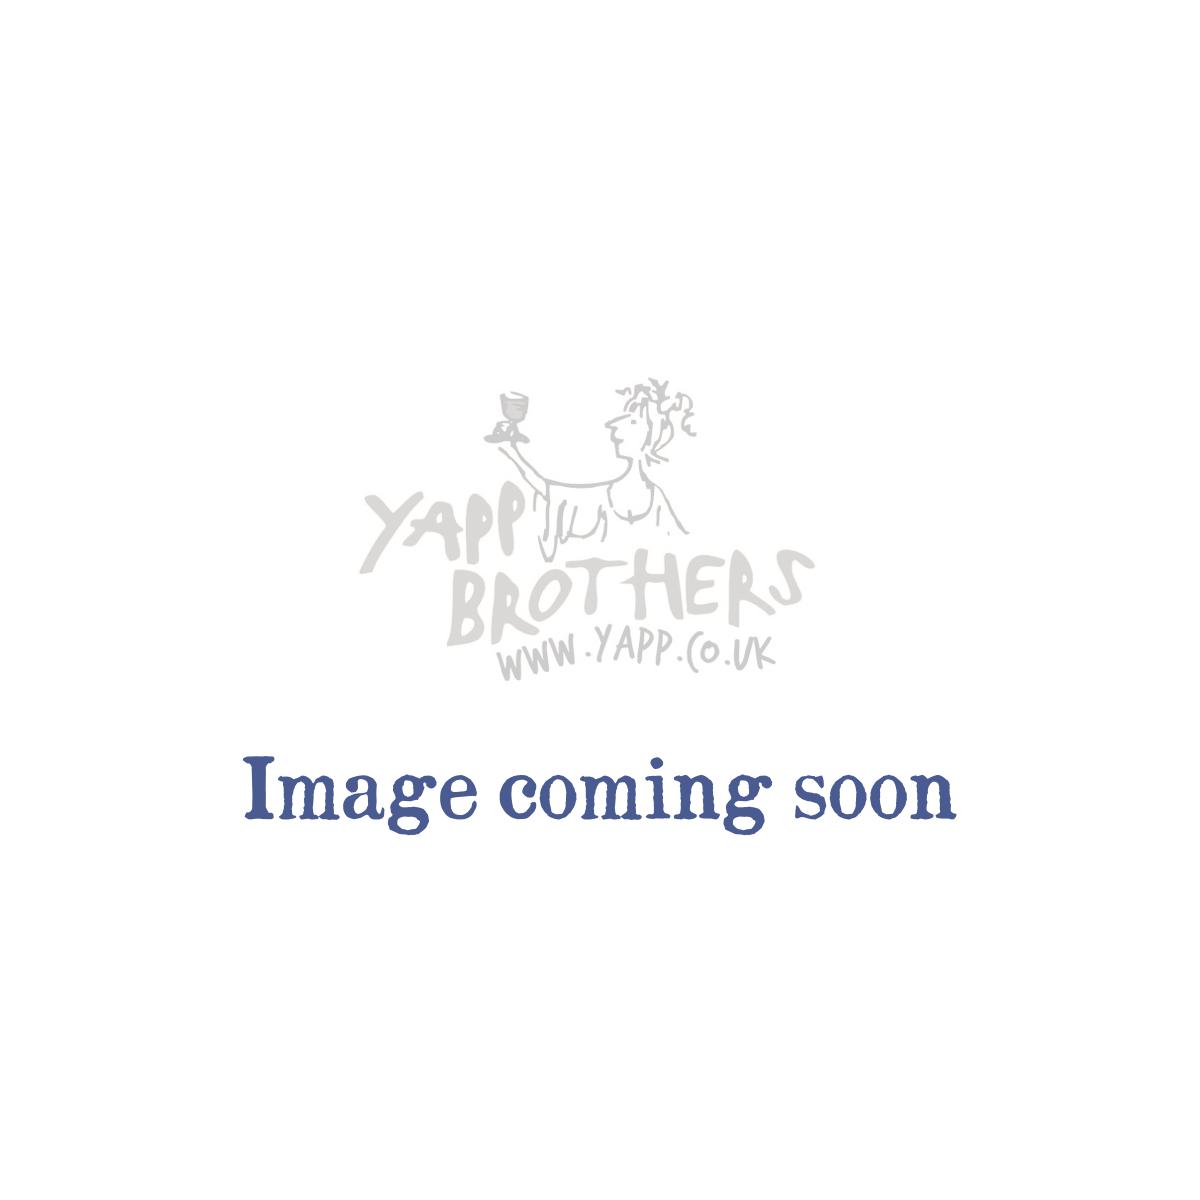 Bourgueil: Domaine Taluau-Foltzenlogel 2019 - Bottle Label - ABV